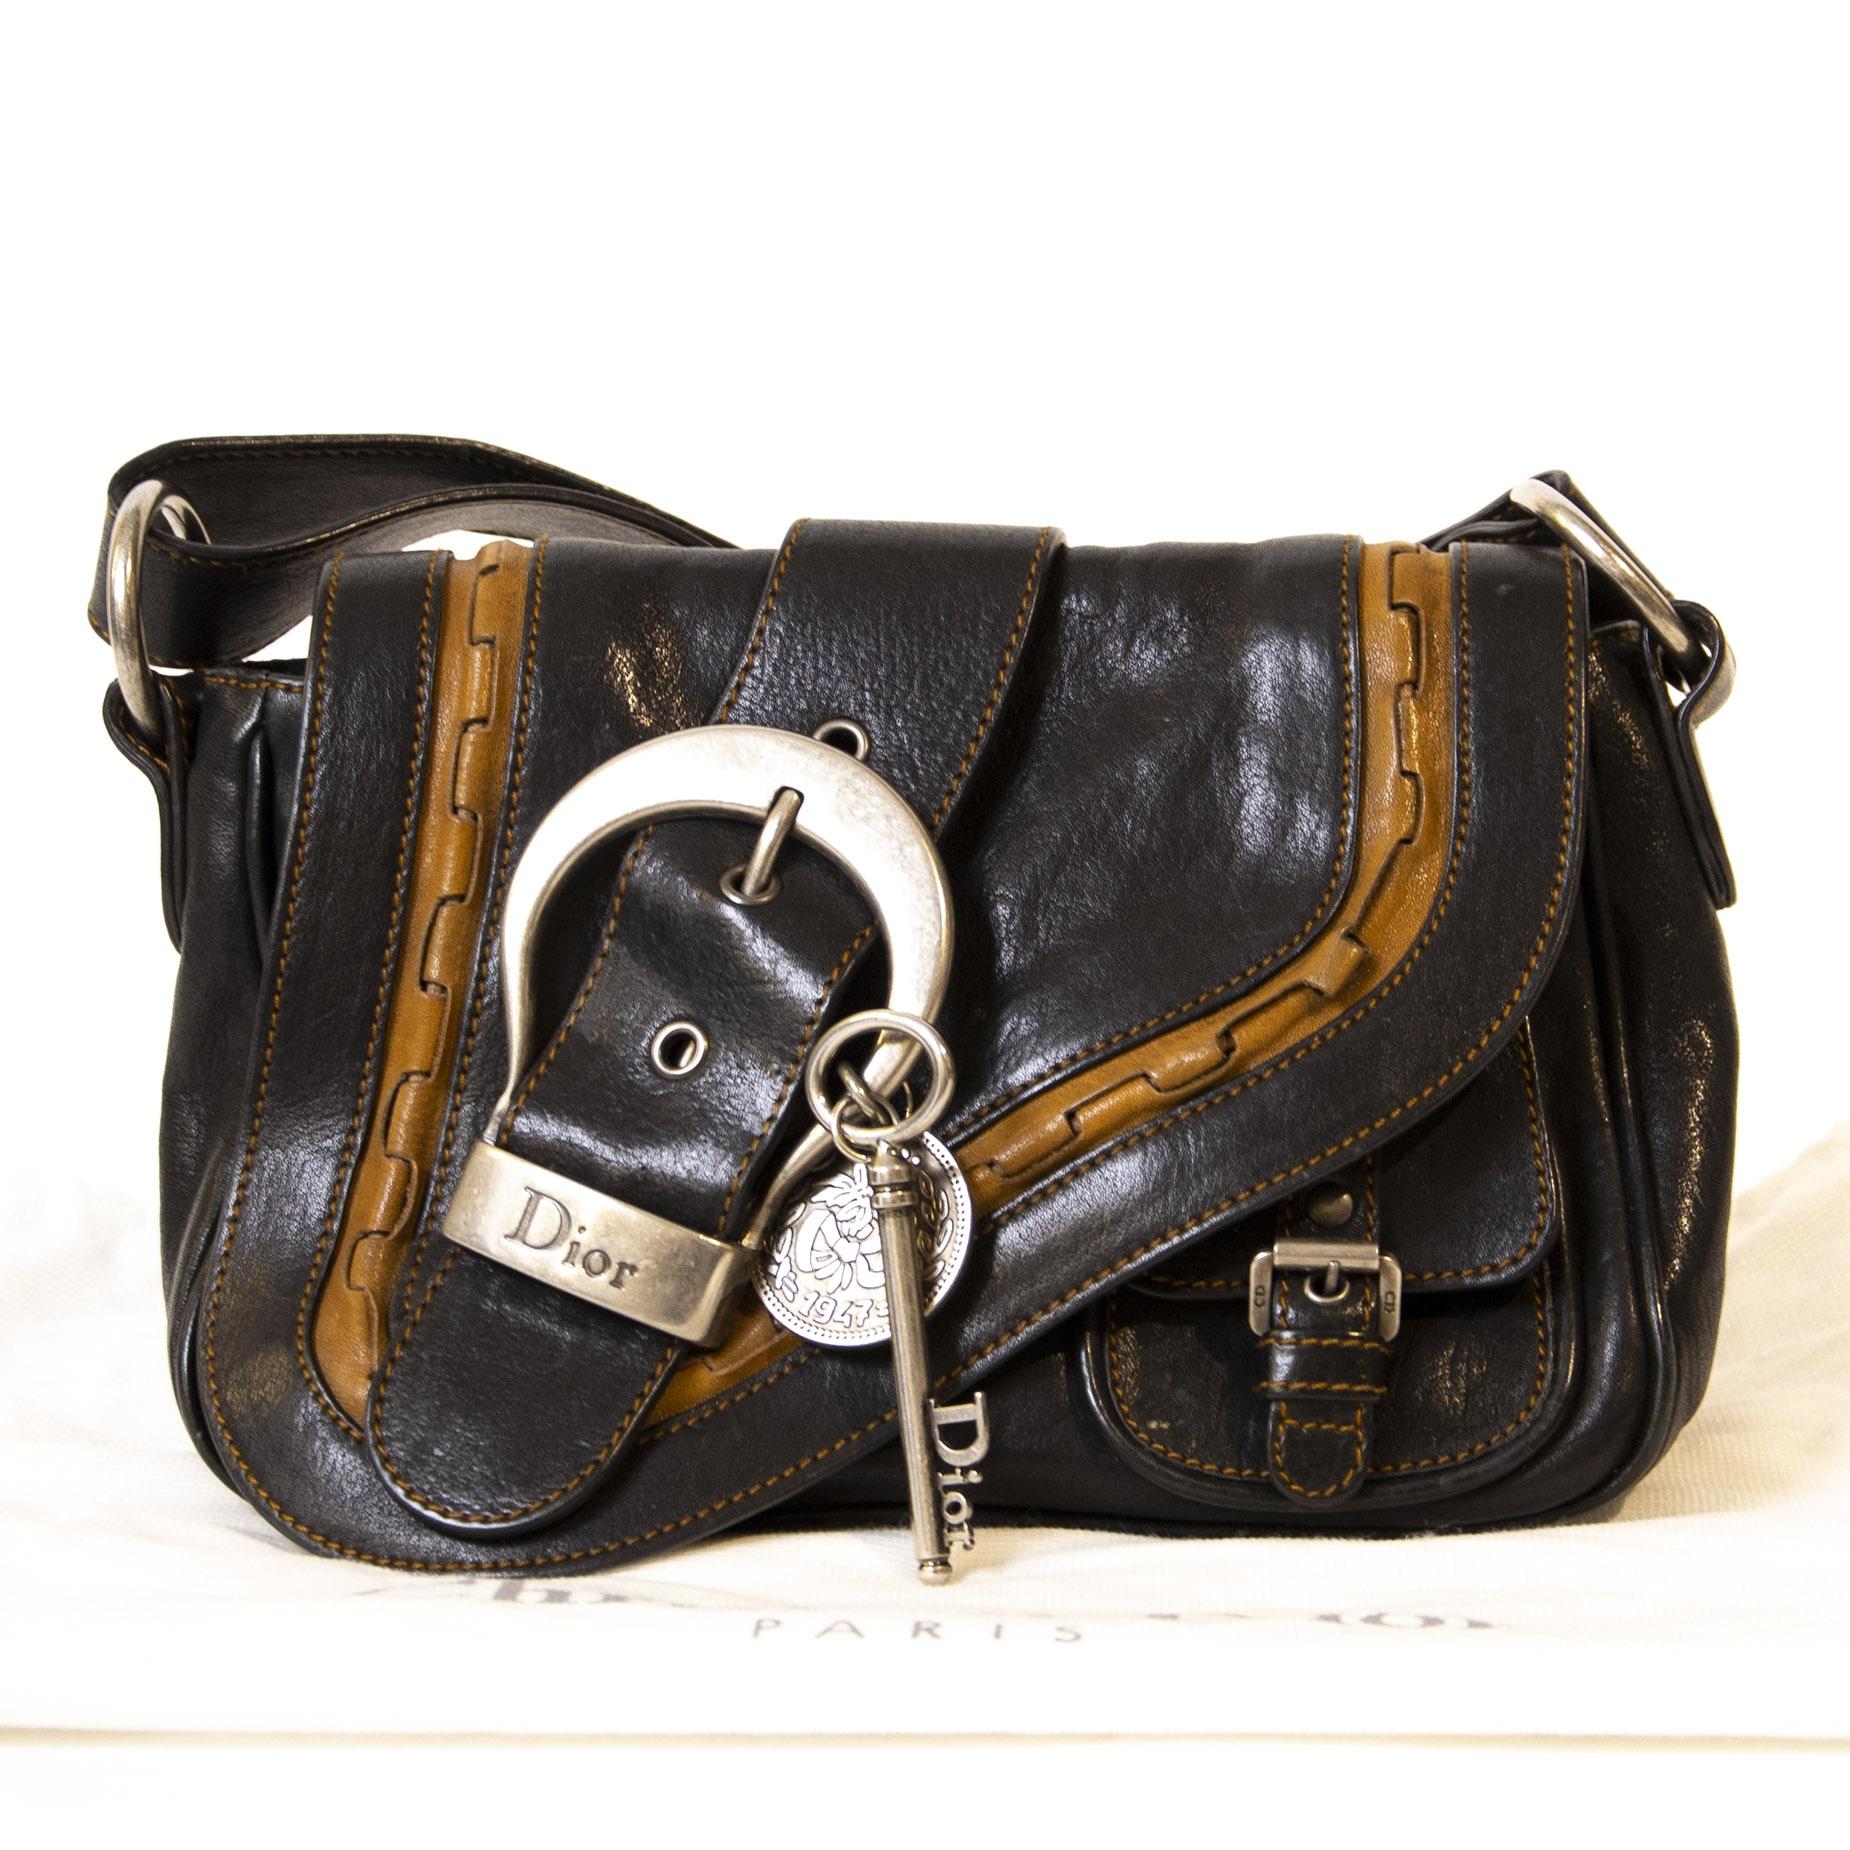 Authentieke Tweedehands Dior Gaucho Mini Saddle Bag juiste prijs veilig online shoppen luxe merken webshop winkelen Antwerpen België mode fashion